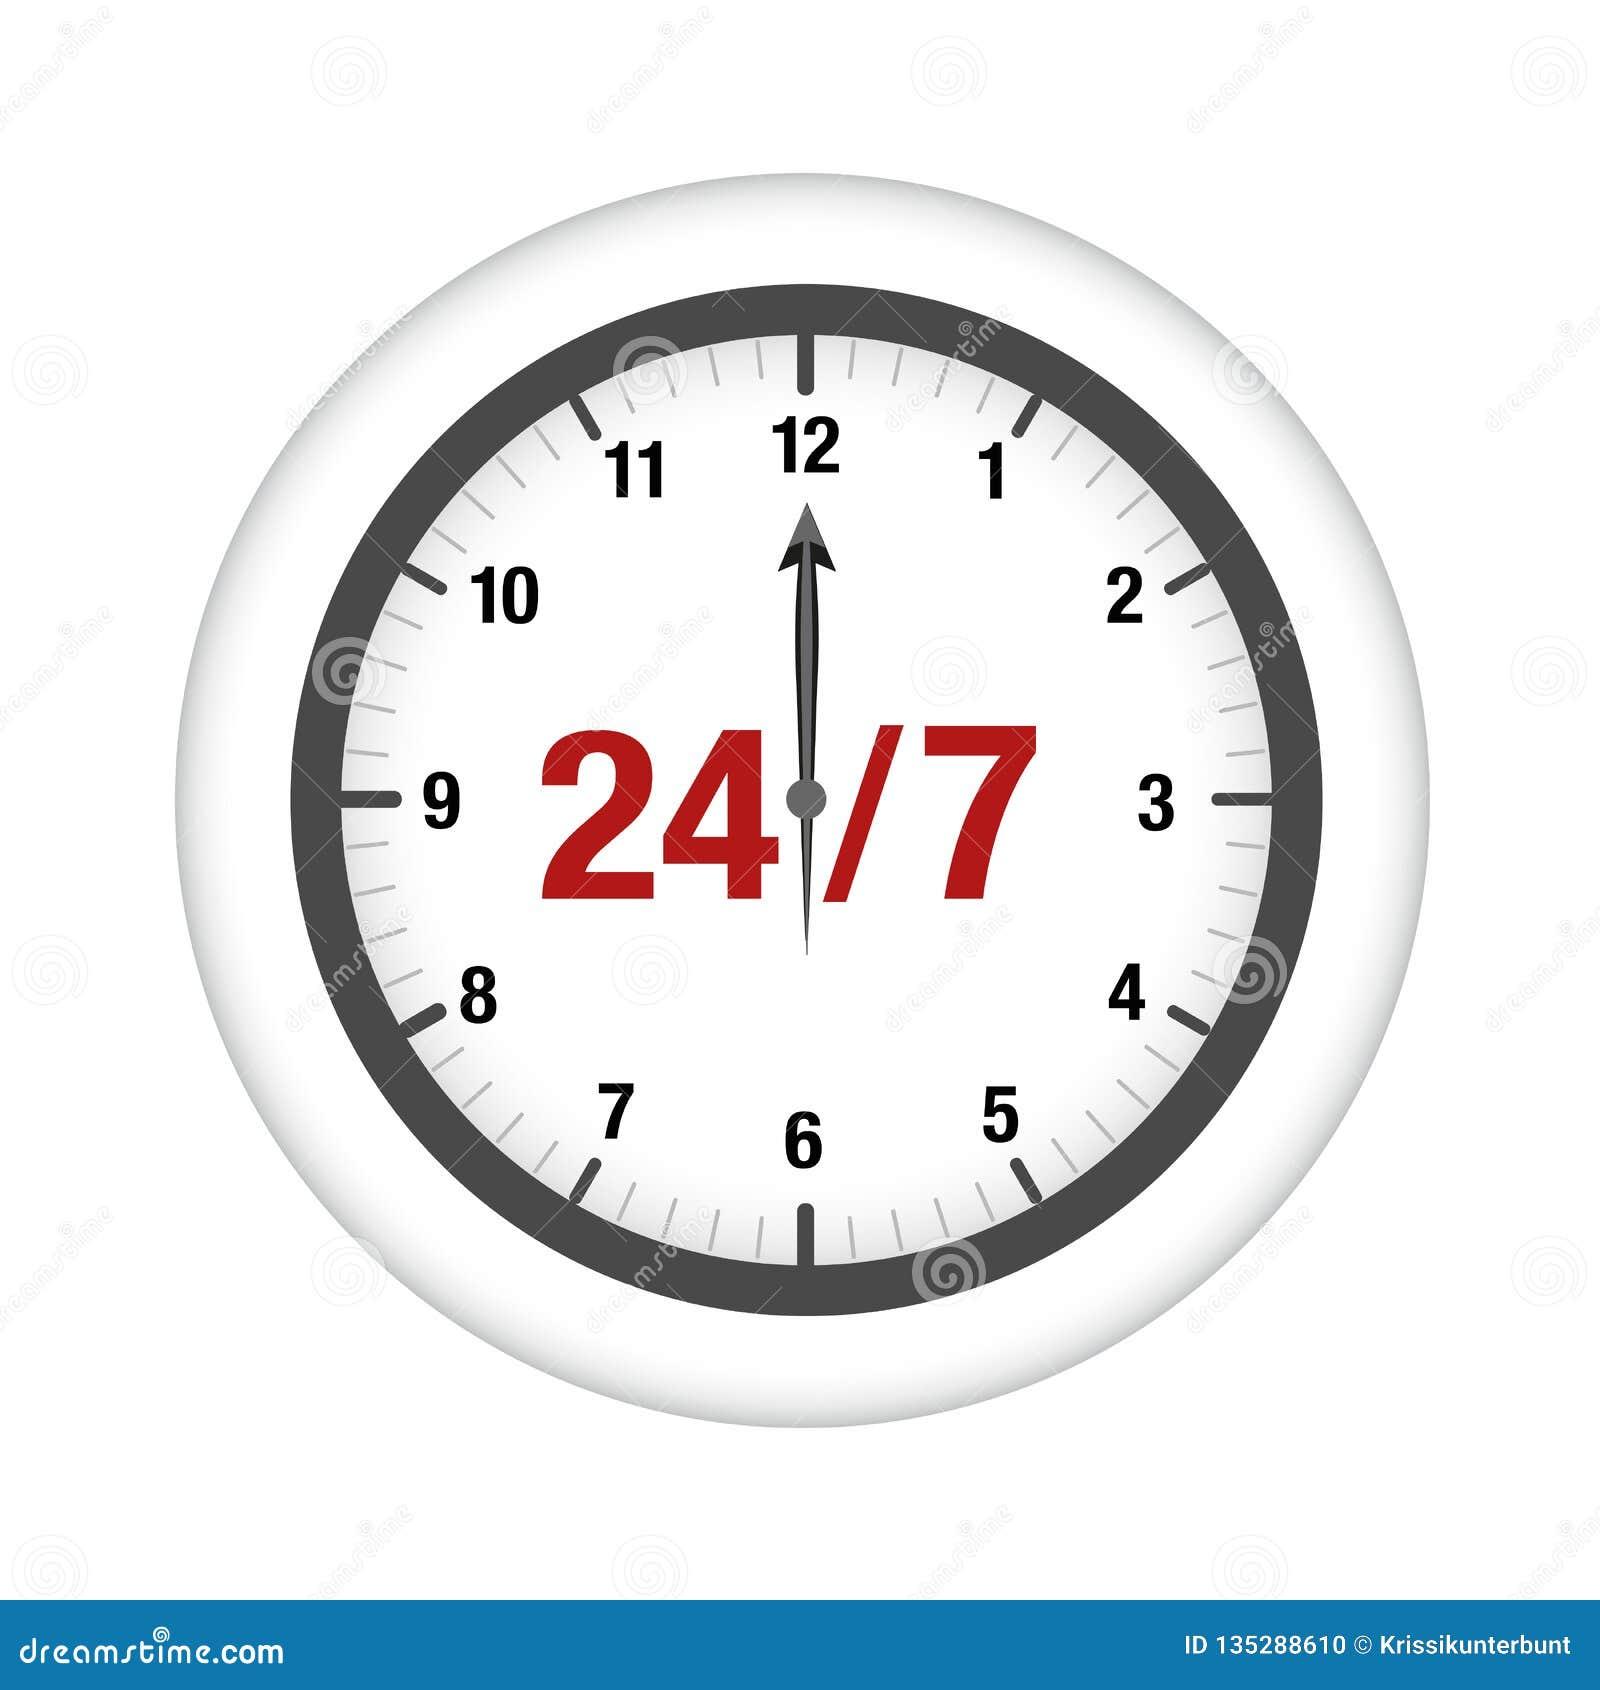 7 Del Redondo Icono Horas De Reloj Contador Días Tiempo 24 NOPZ8n0wkX